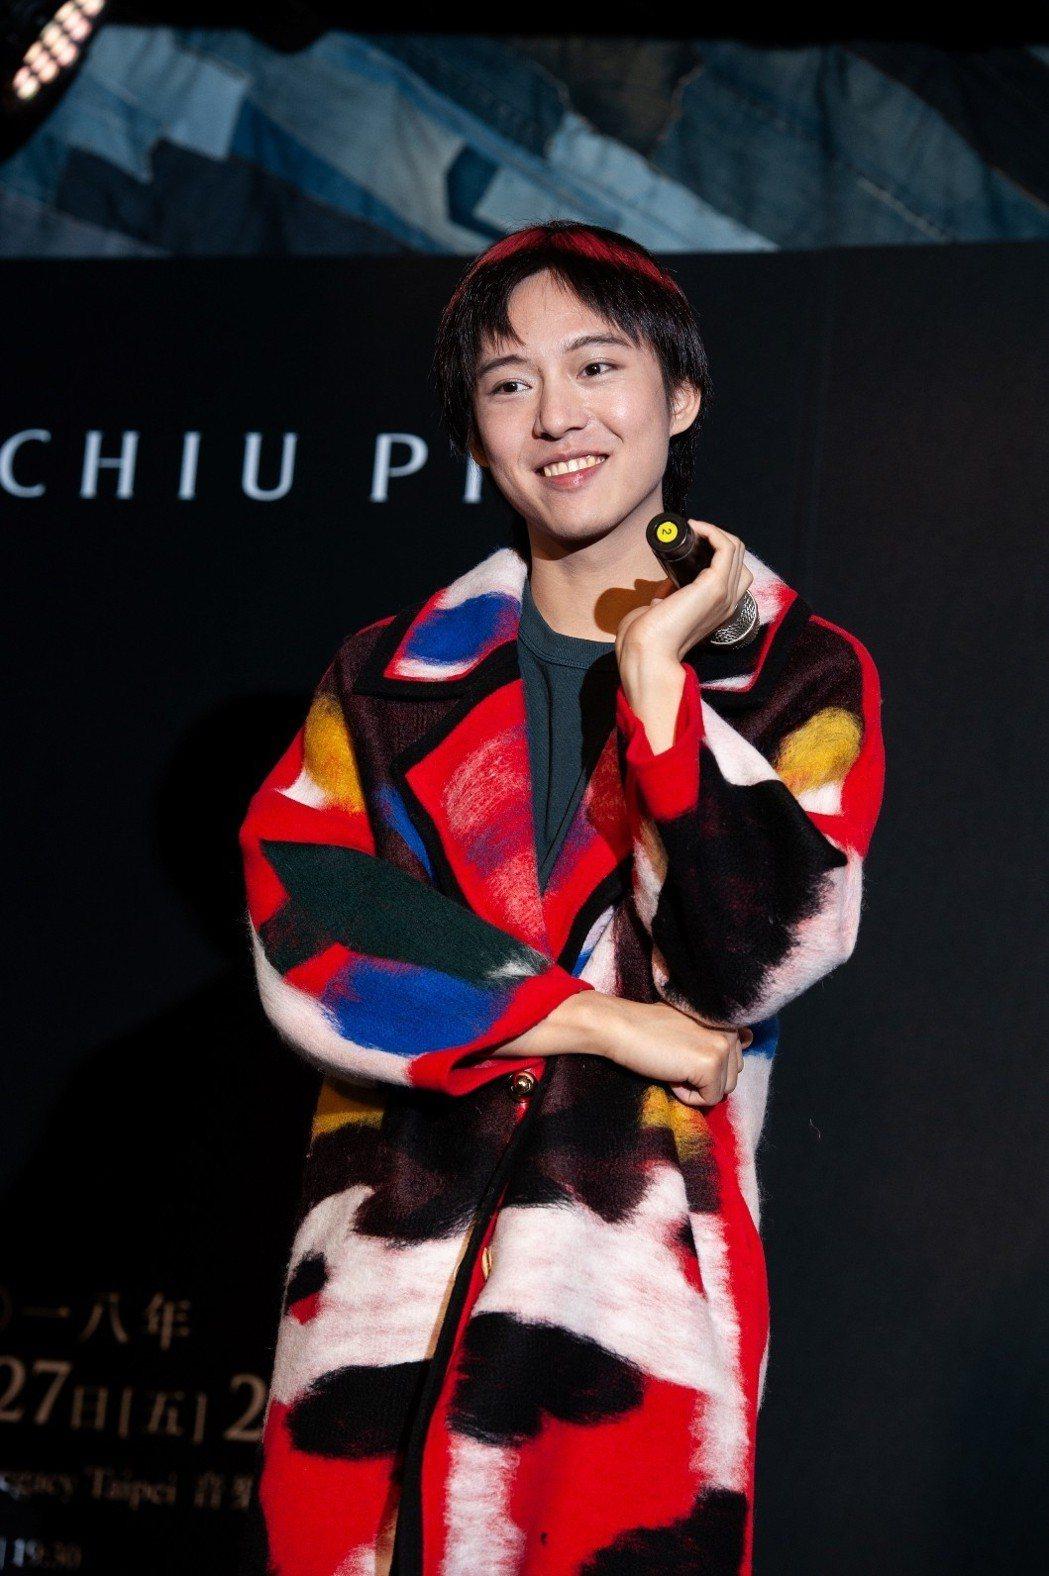 邱比宣佈台北站演出將在7月27日晚上的永豐 Legacy舉行。圖/ROKON滾石...